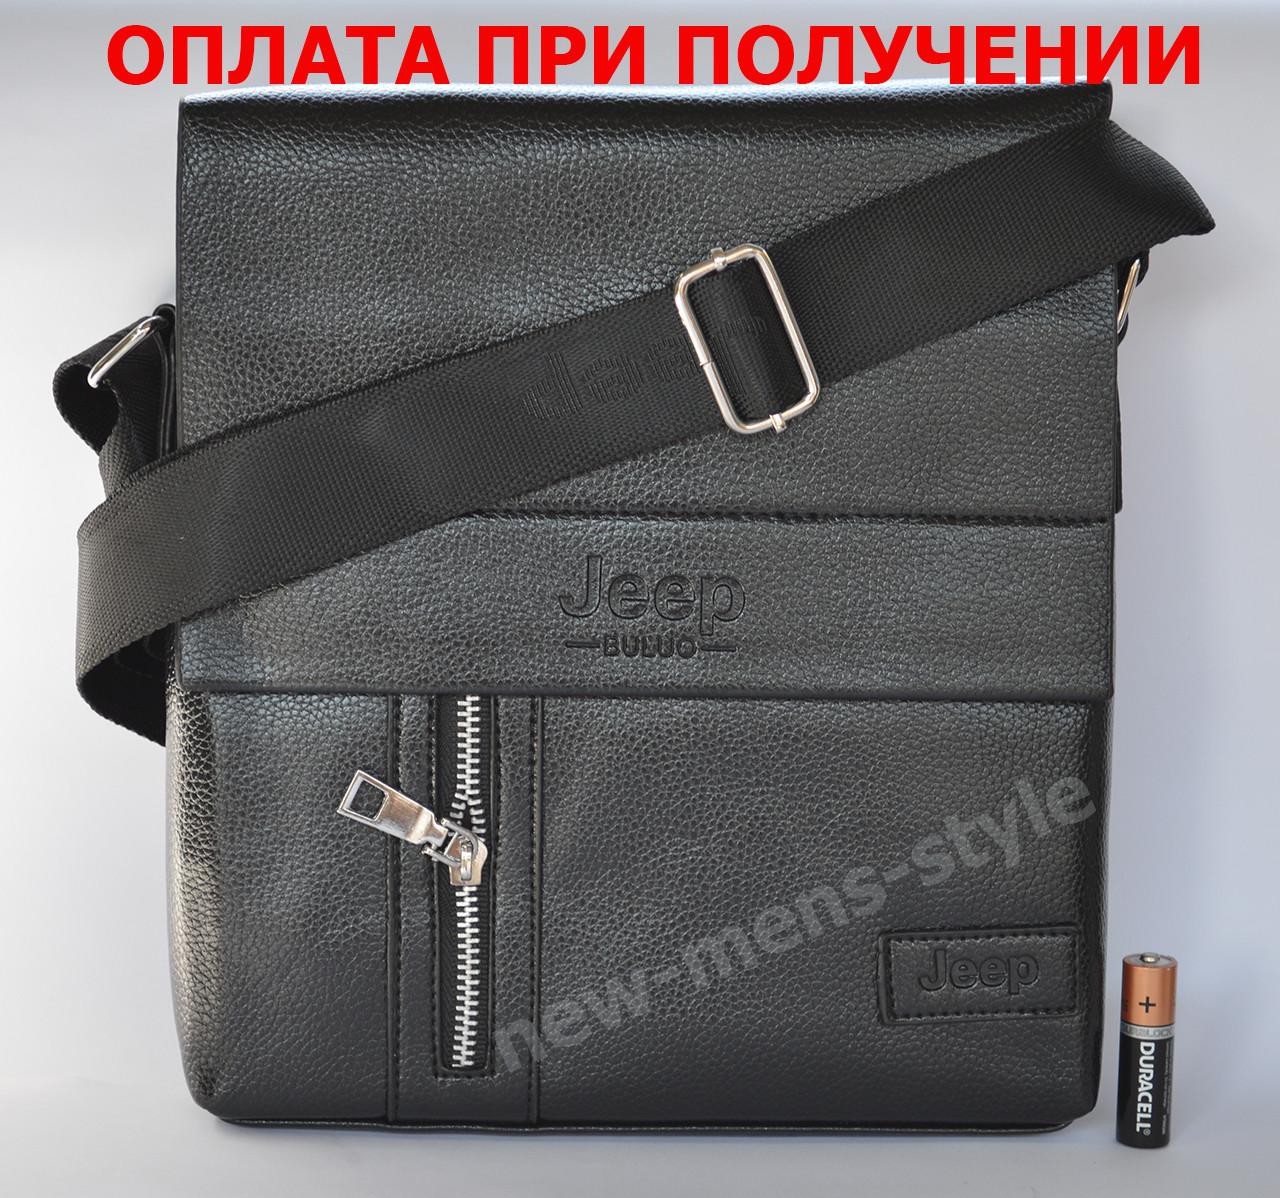 01746a3f8a13 Мужская кожаная фирменная сумка барсетка Jeep Polo классика купить ...